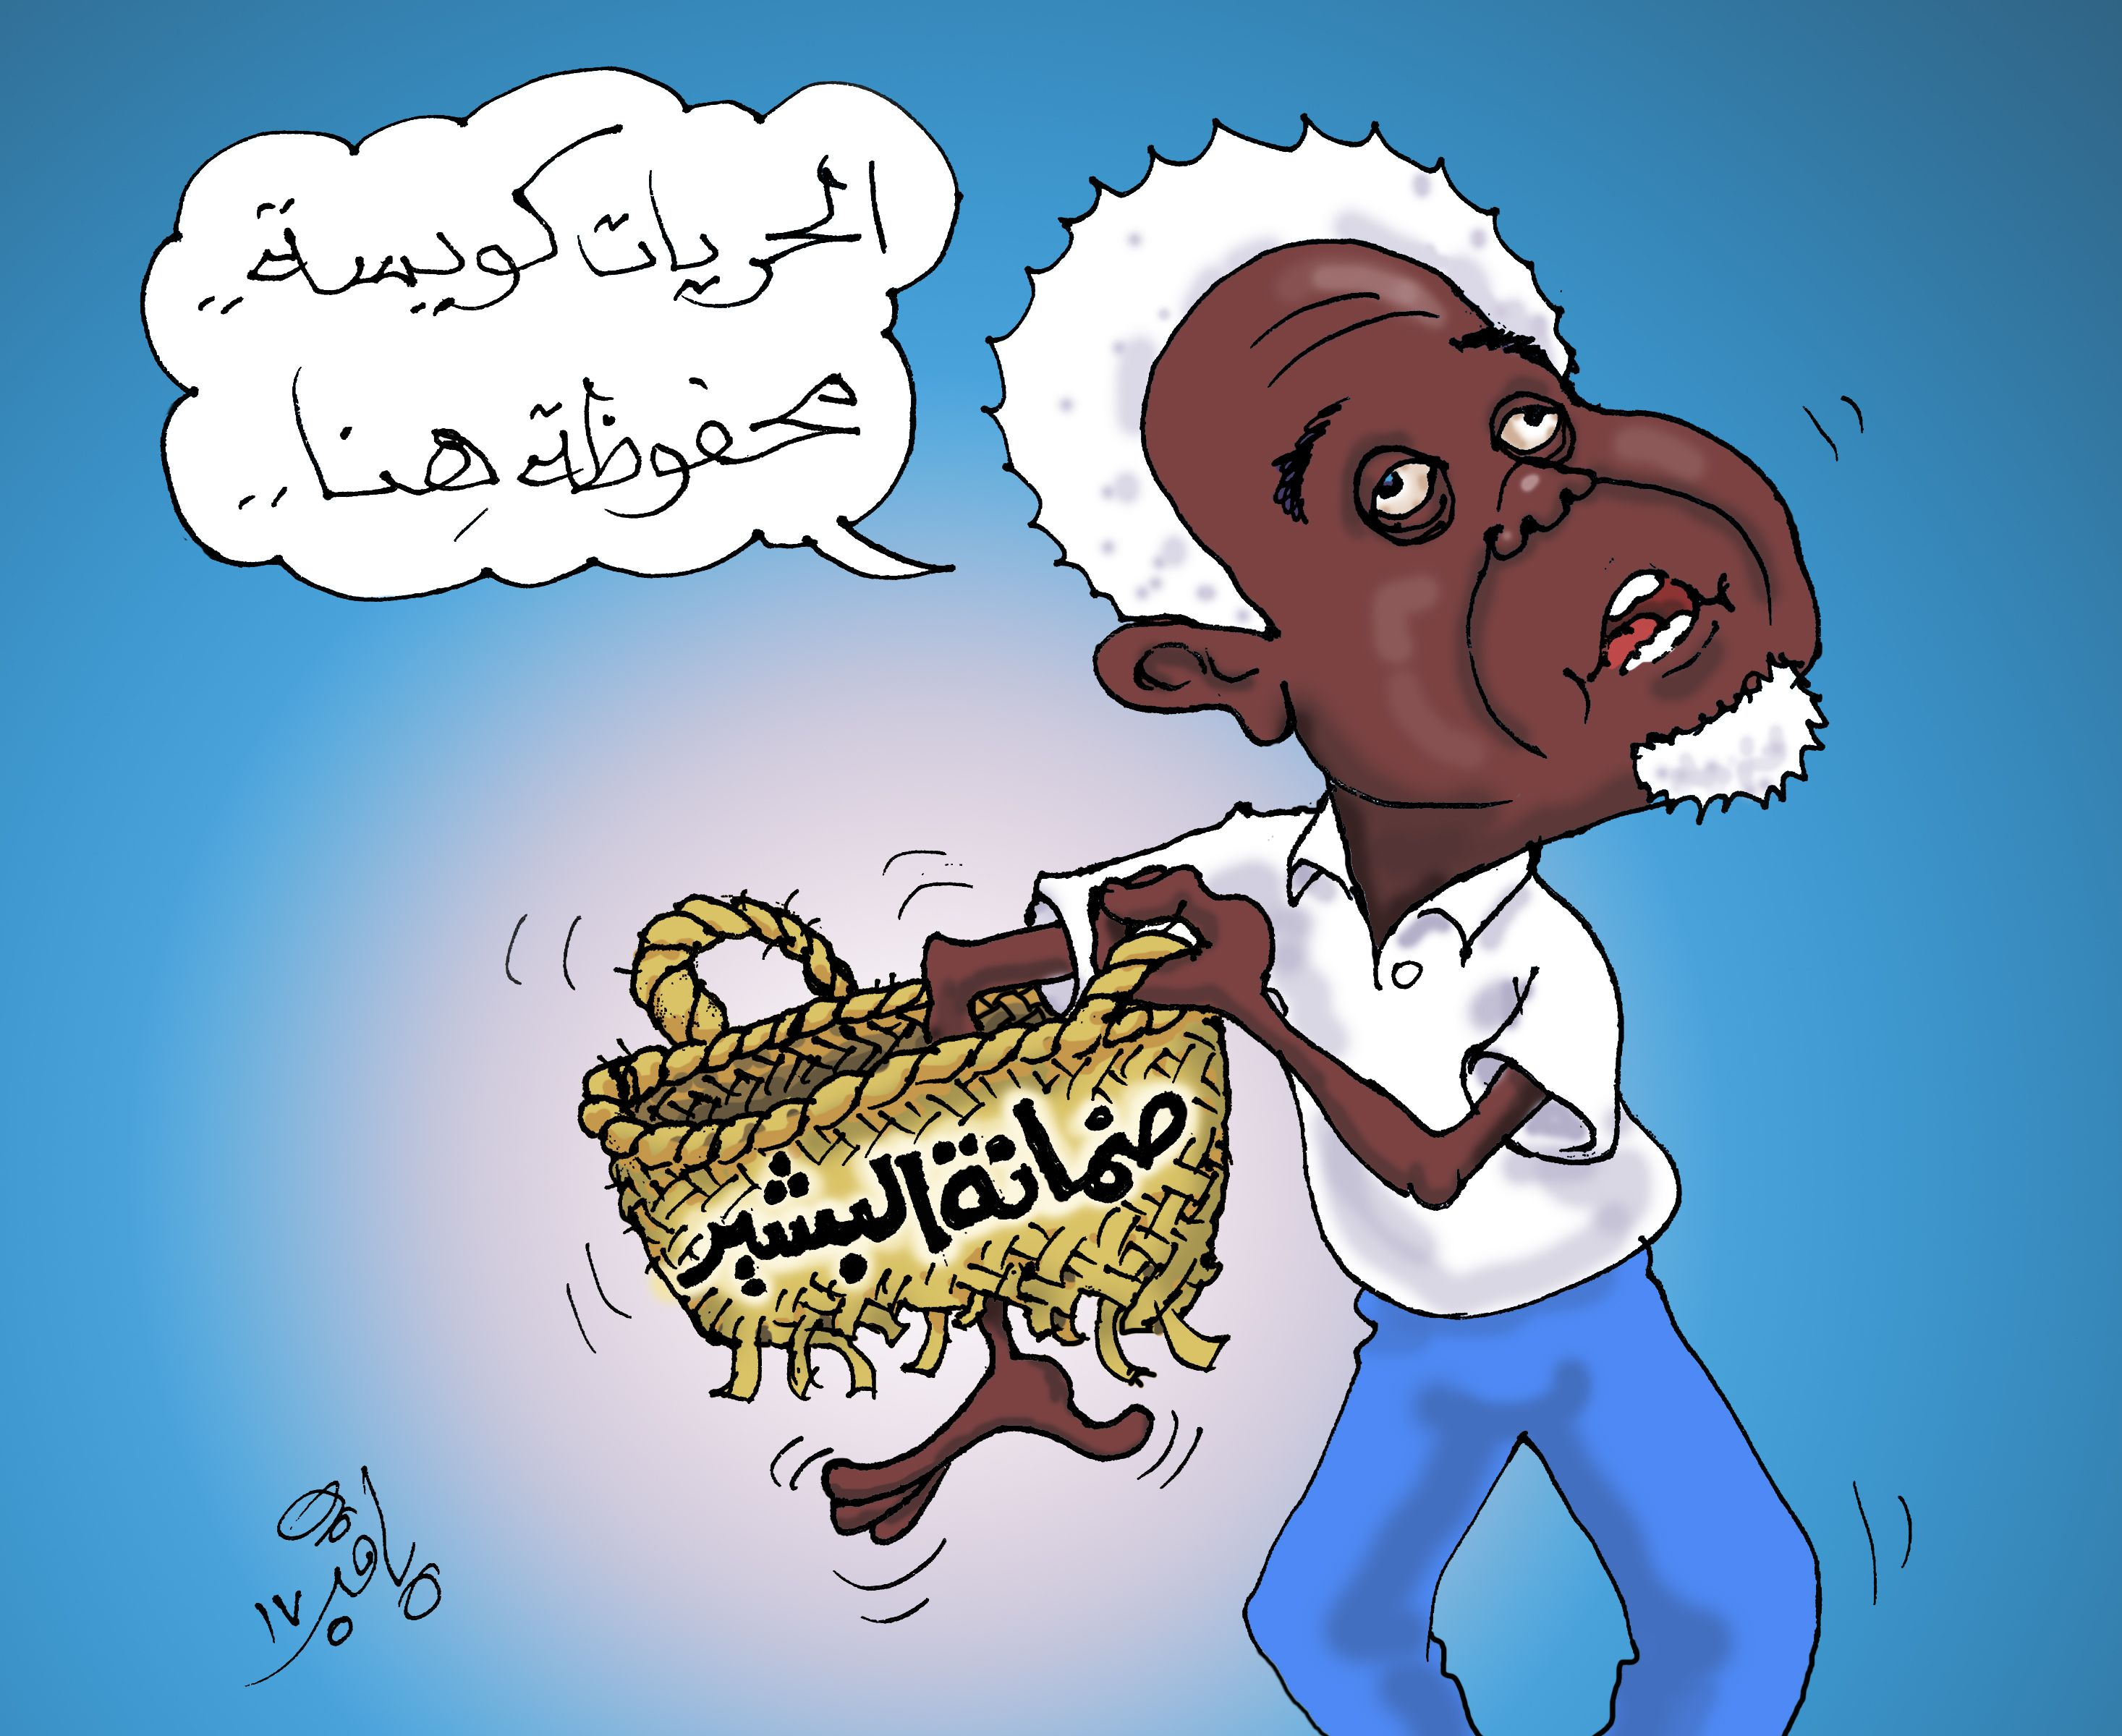 كاركاتير اليوم الموافق 11 مايو 2017 للفنان الباقر موسى عن  تقسيم كيكة السلطة فى السودان